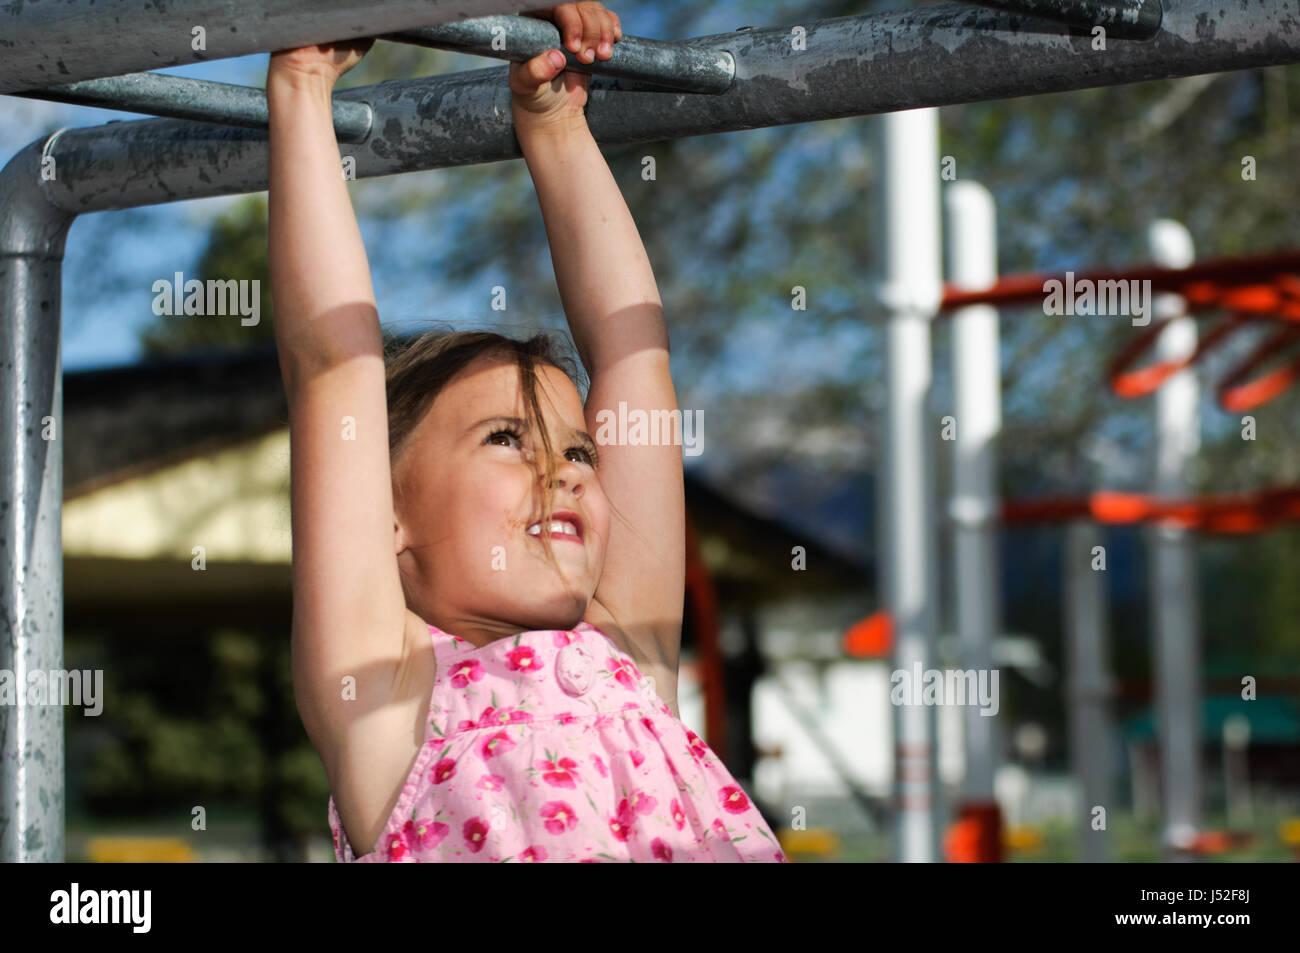 Klettergerüst Monkey Bar Gebraucht : Kind klettergerüst garten rm video in k